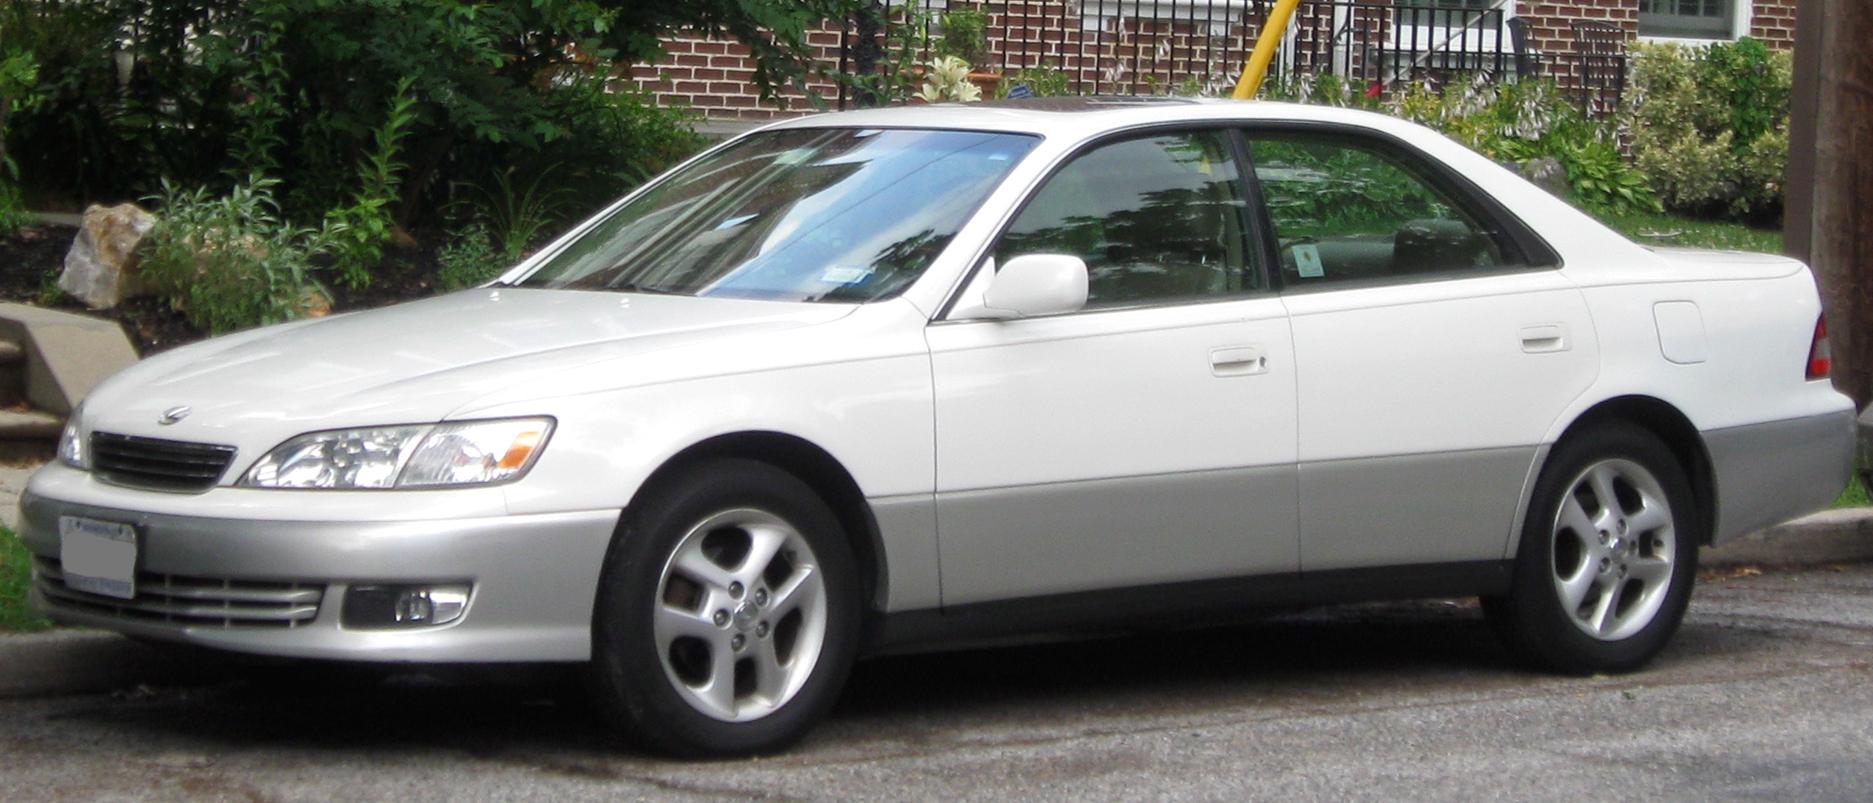 2001 Lexus ES 300 #16 Lexus ES